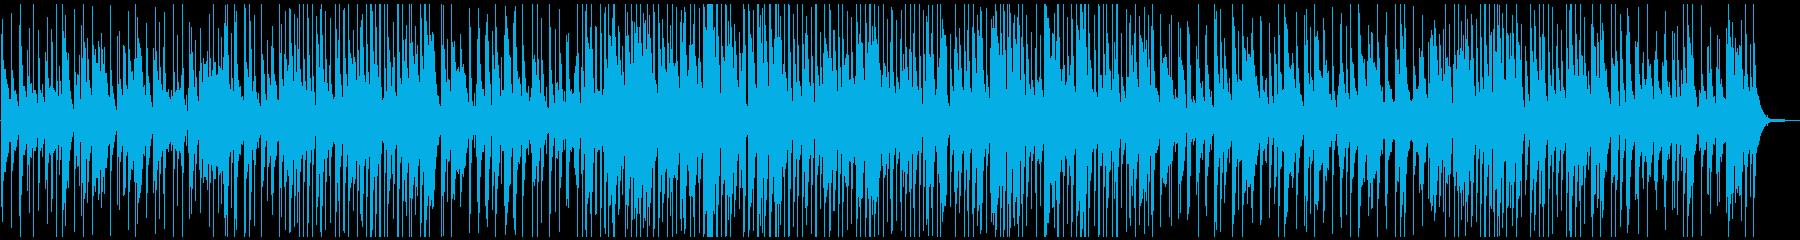 ジャズクラブで流れすようなスイングの再生済みの波形